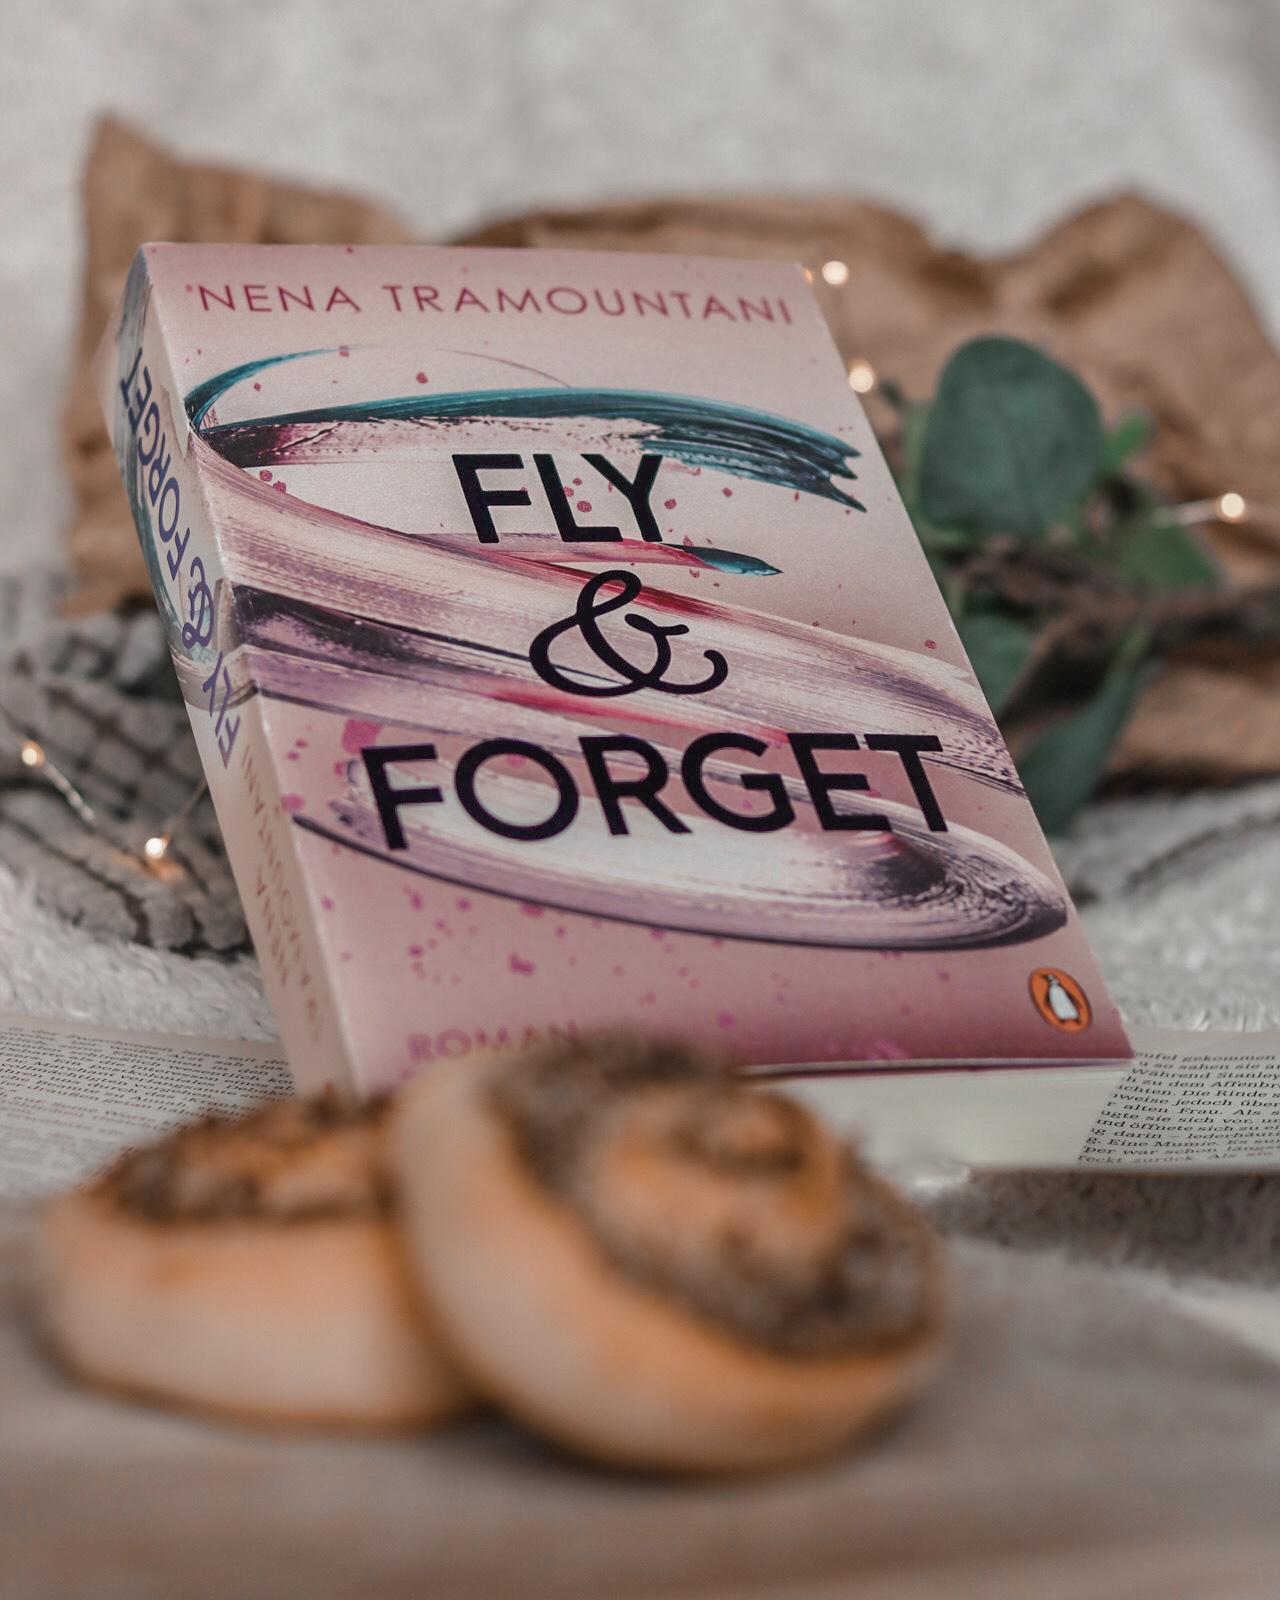 Fly & Forget – Soho Love #1 | Nena Tramountani